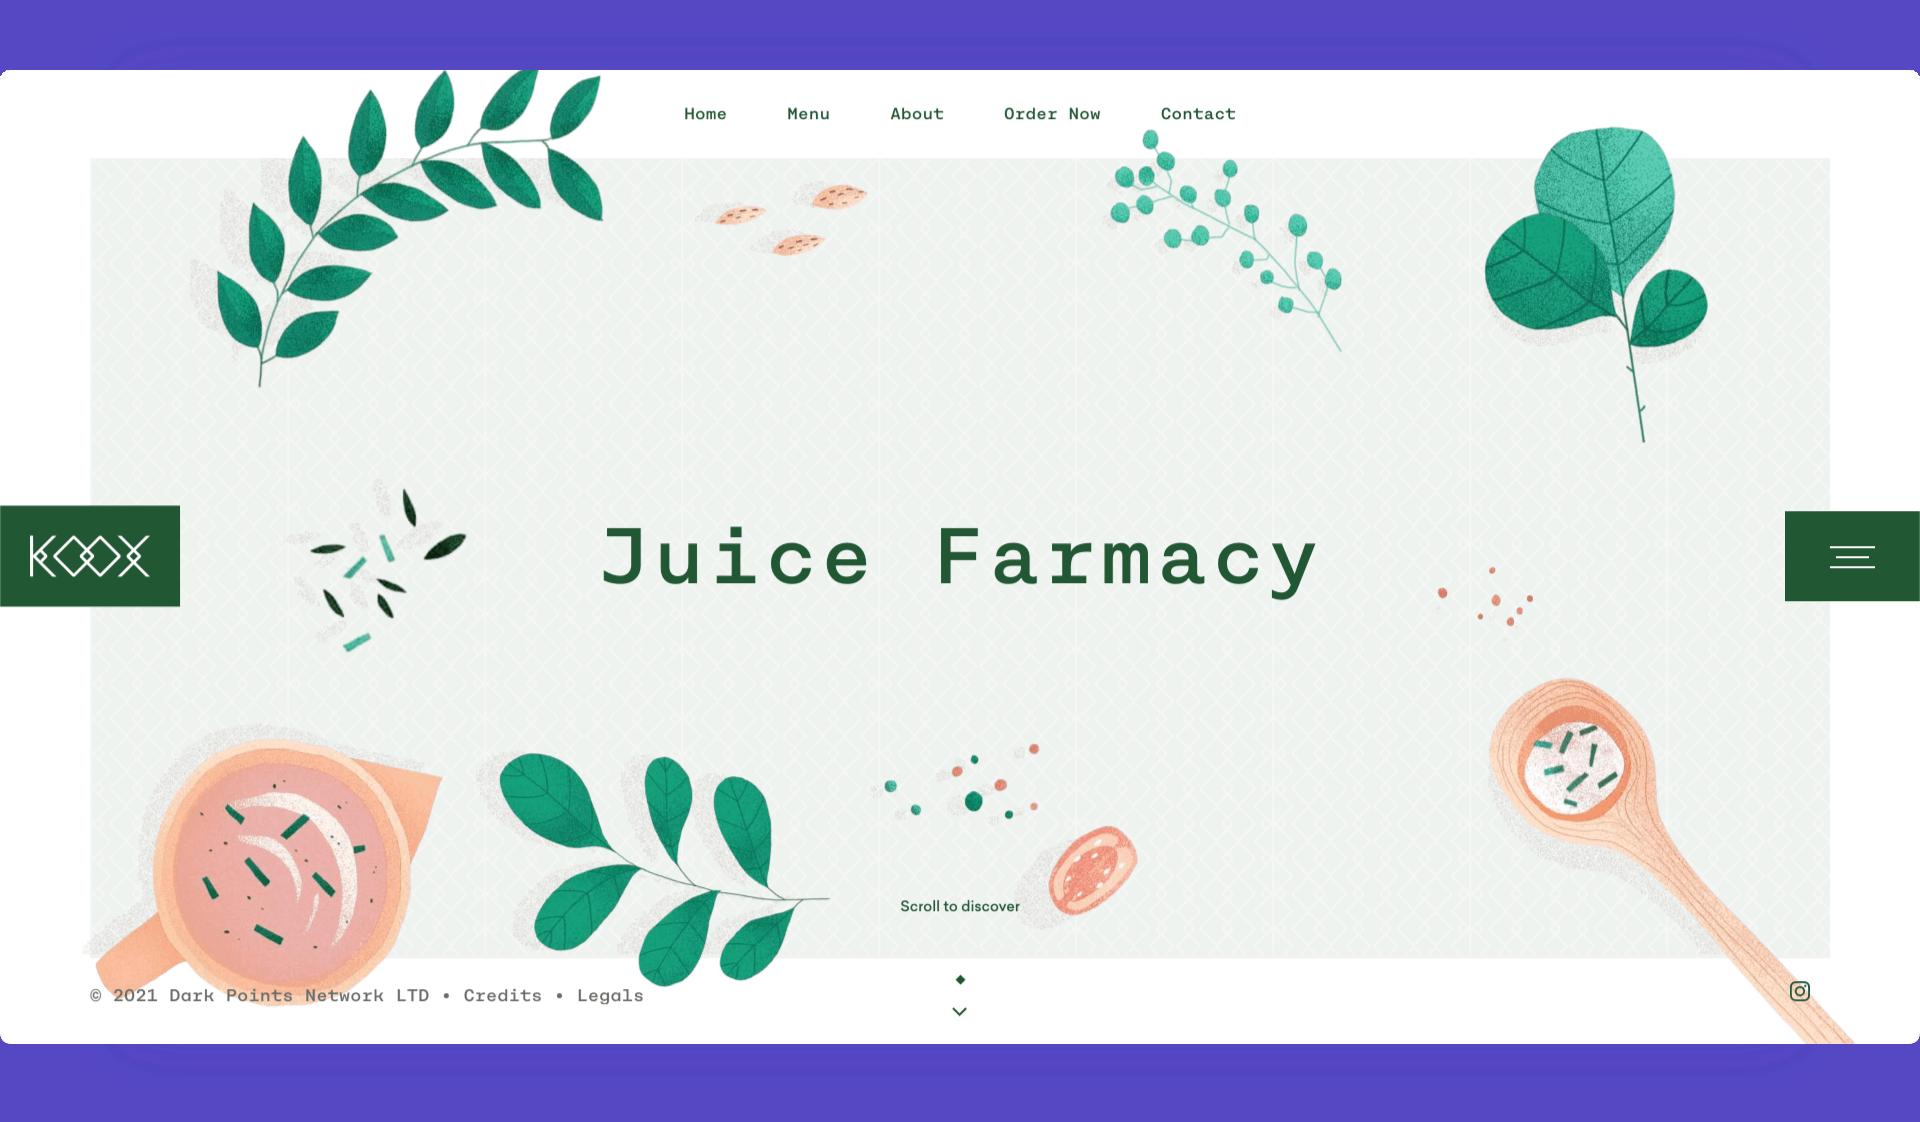 Een voorbeeld van een website die gebruik maakt van parallax lagen.